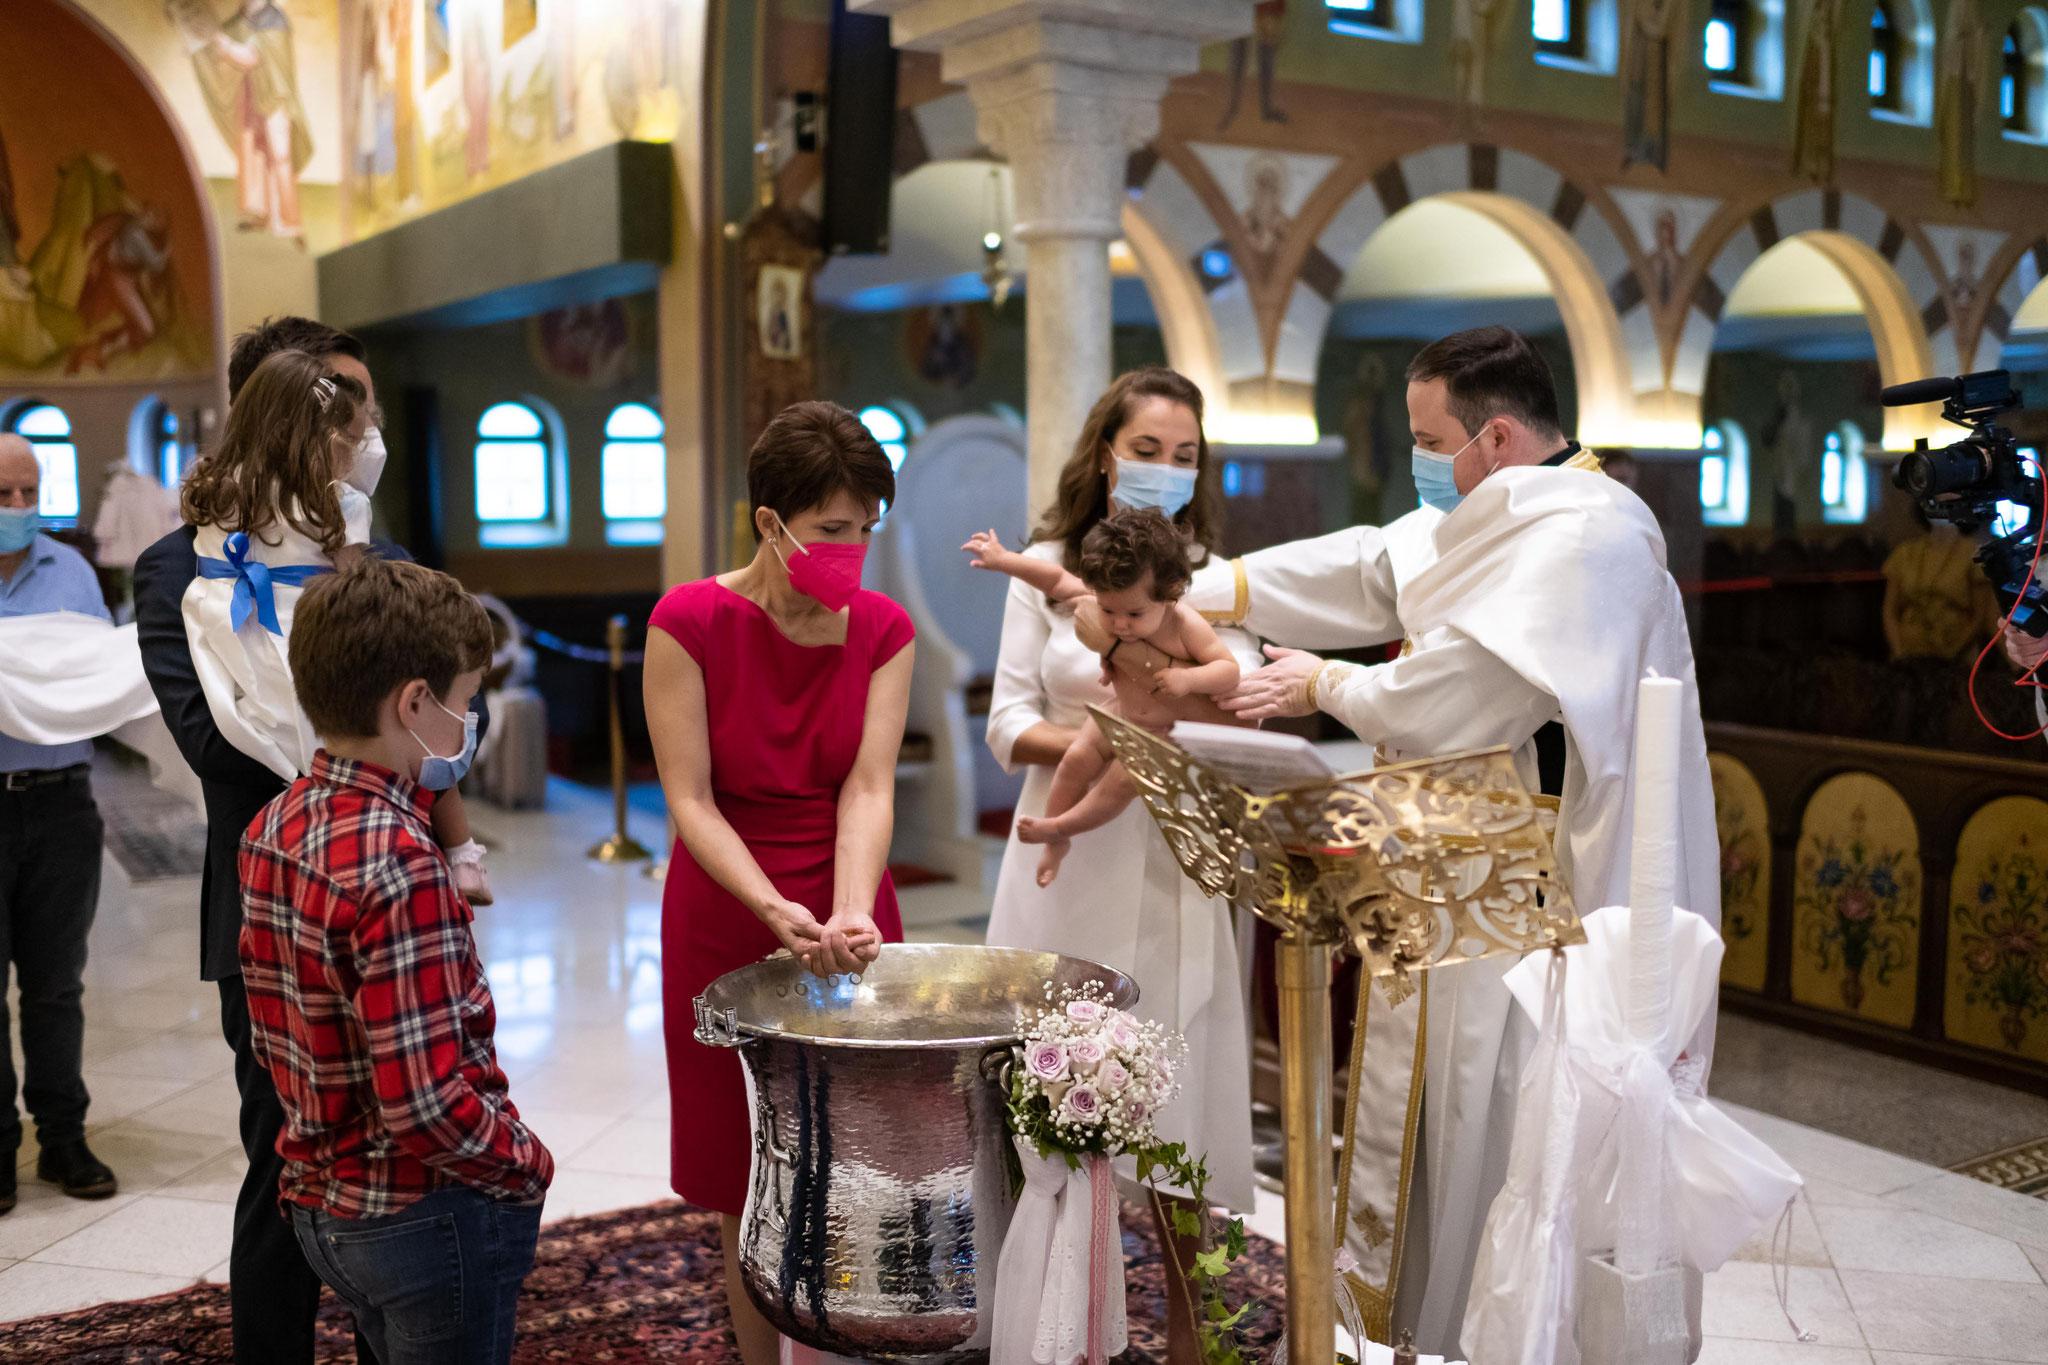 Perfekte Filmaufnahmen in der Kirche während der Taufe vom professionellen Kamerateam in Frankfurt